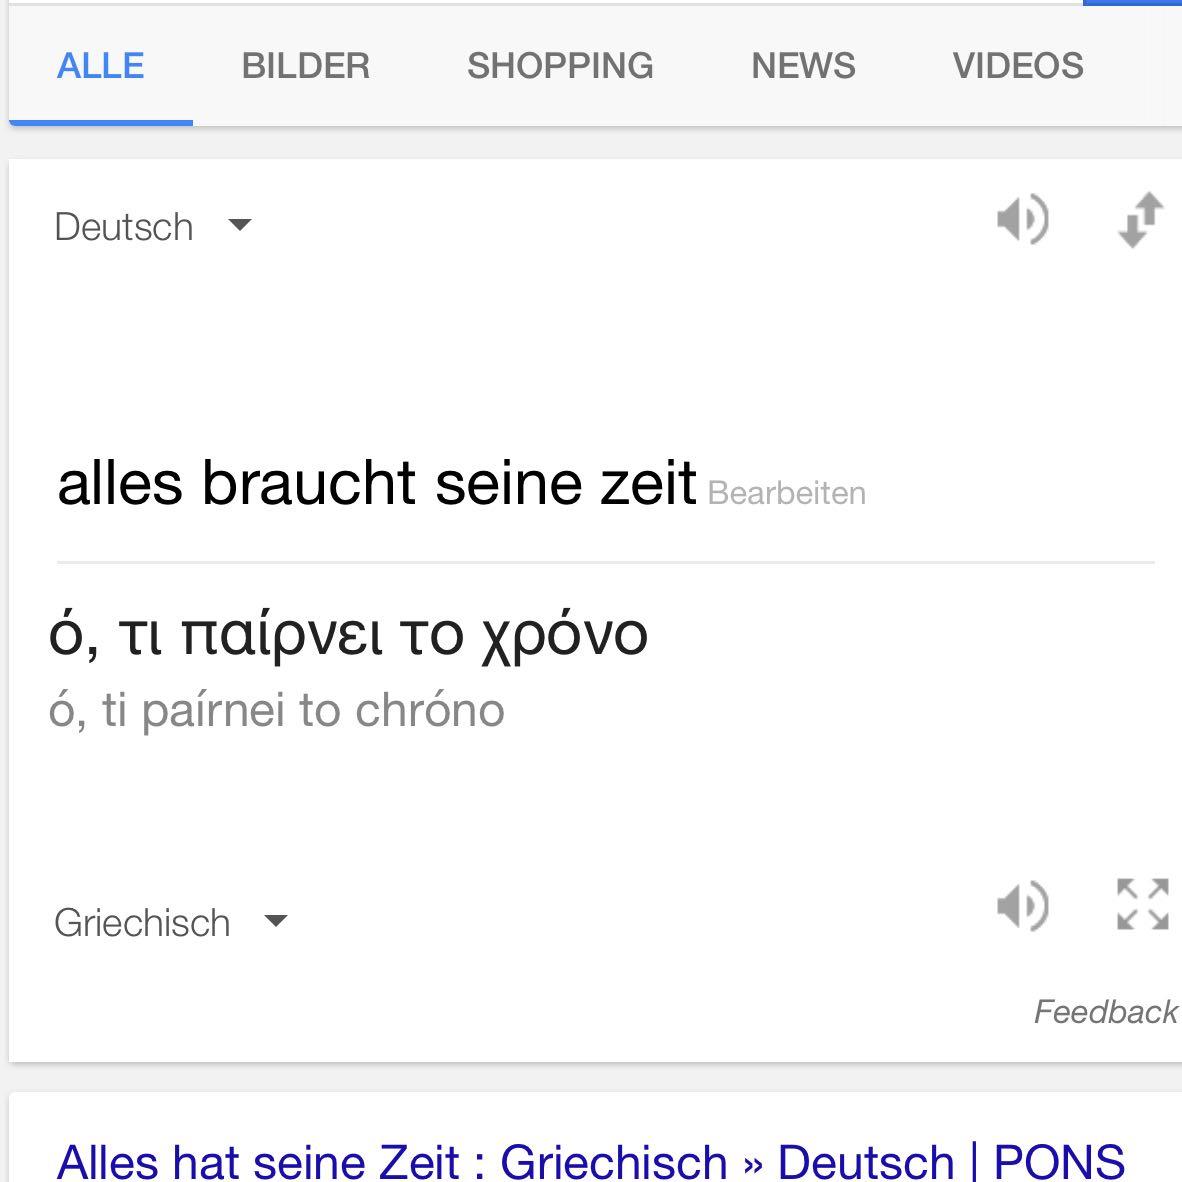 stimmt die Übersetzung auf griechisch? (tattoo)